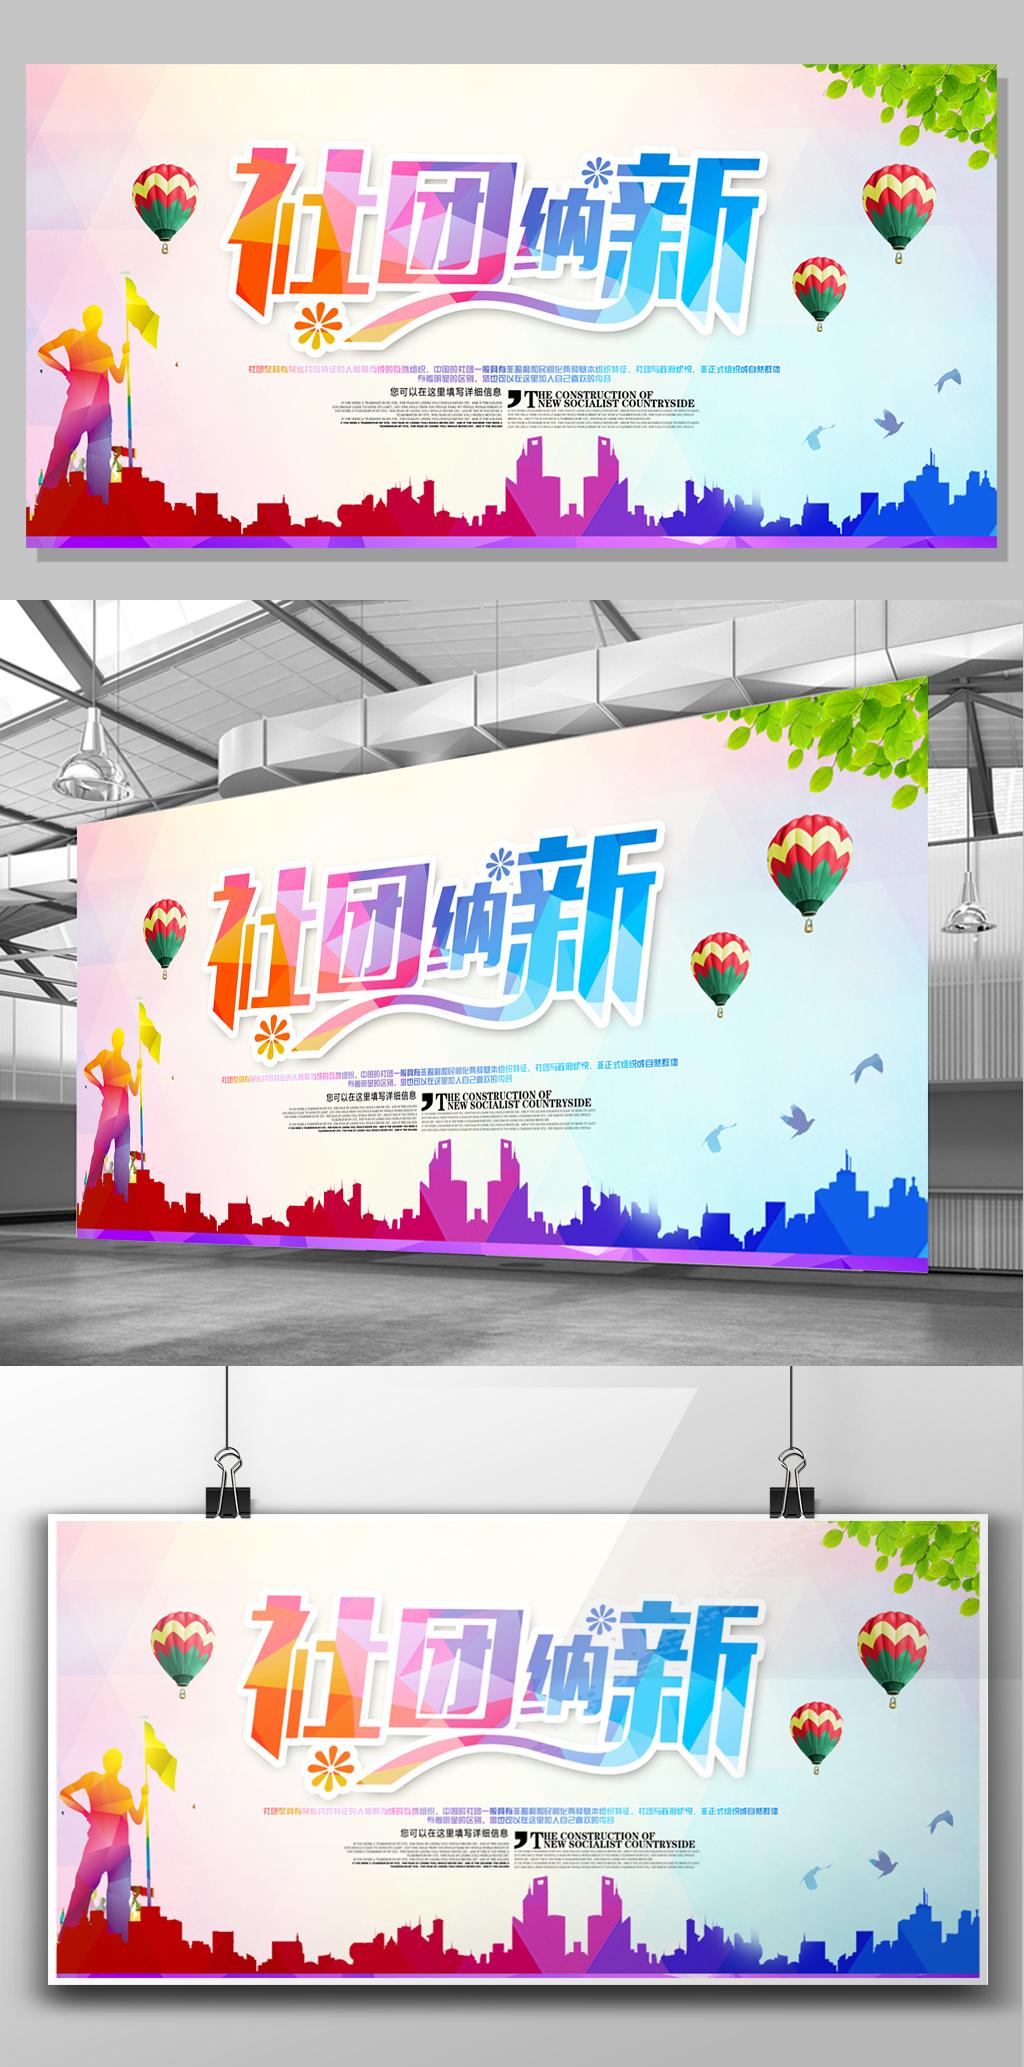 彩色青春活力社团招新展板图片素材 其他格式 下载 展板背景 大全 展板设计